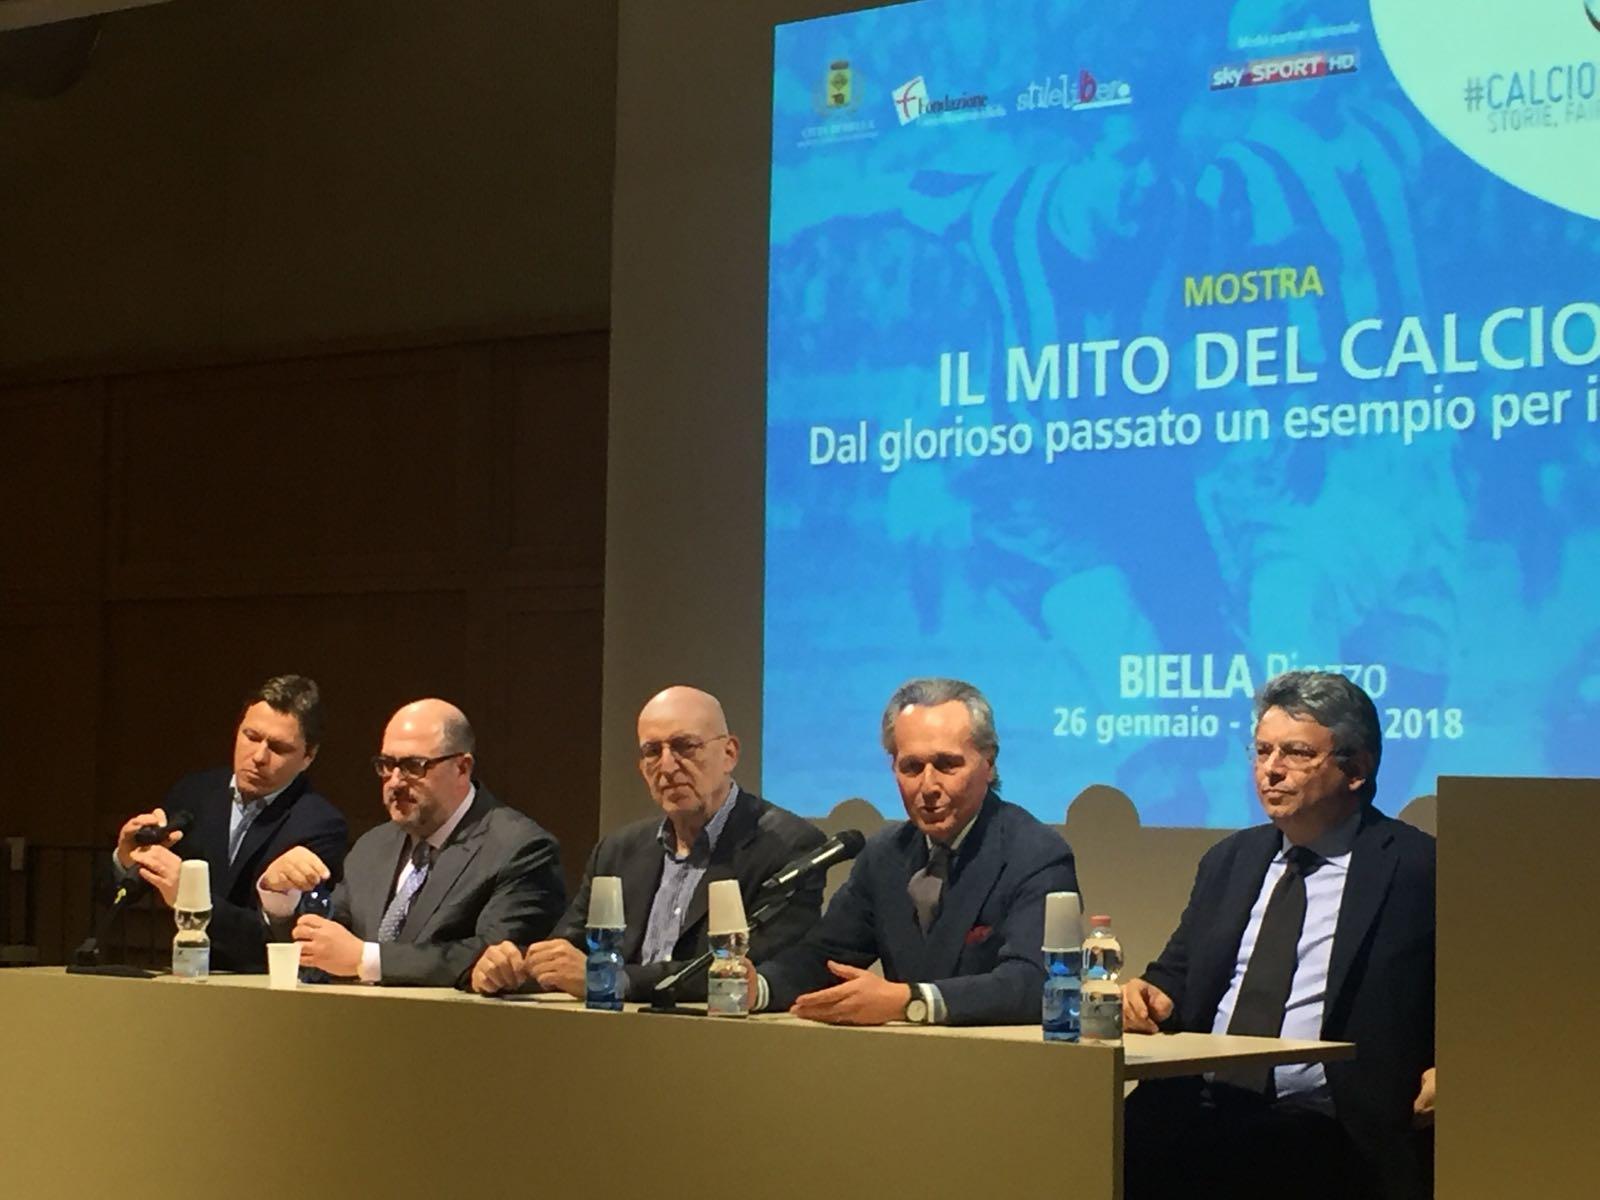 Da sinistra Alessandro Alciato, Gabriele Pinna, Fabrizio Lava, Franco Ferraris e Marco Cavicchioli